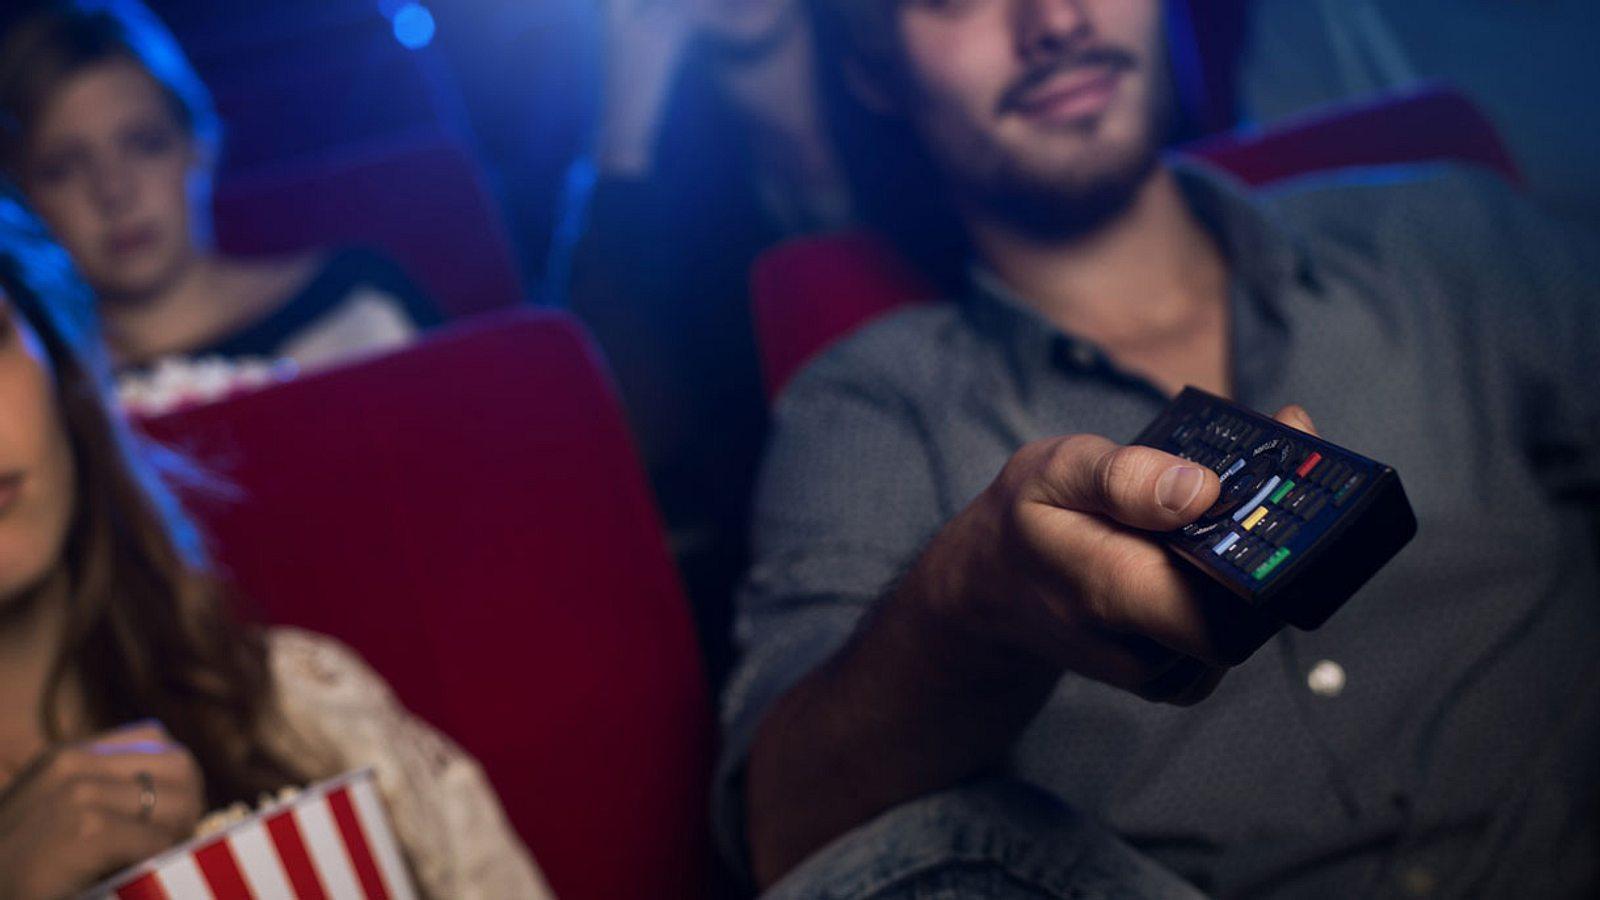 Filme online gratis: Hier gibt's aktuelle Filme kostenfrei online